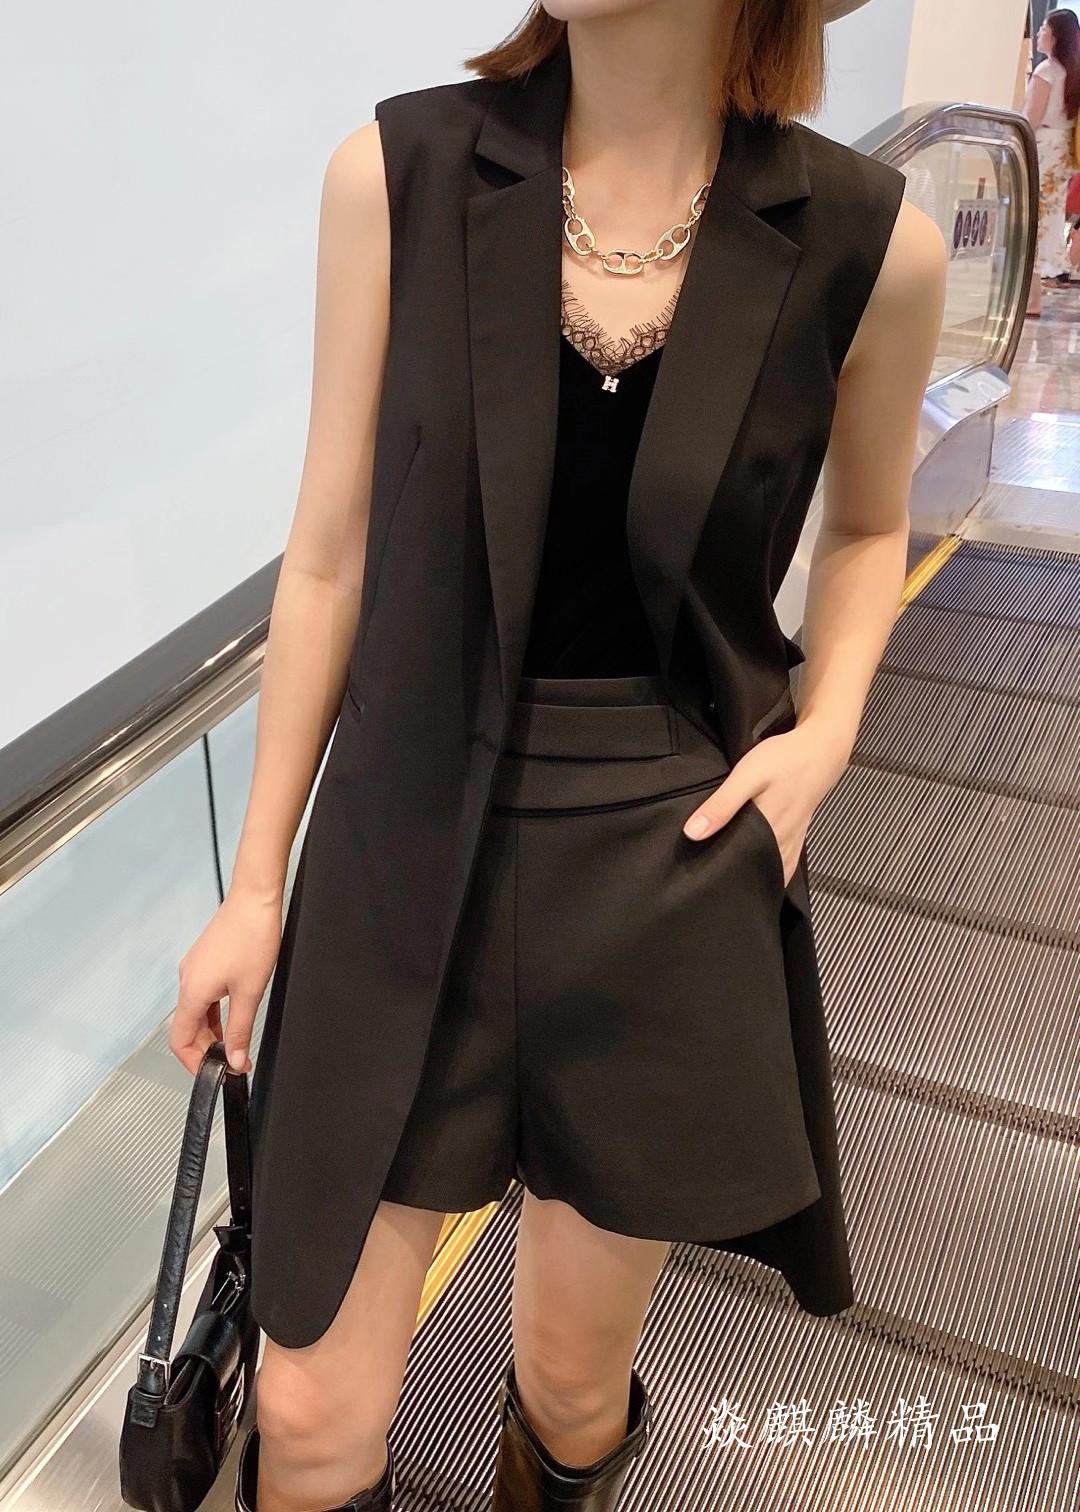 蘑菇扣MGK9523马甲背心上衣黑色百搭显瘦时尚女外套2020秋季新款